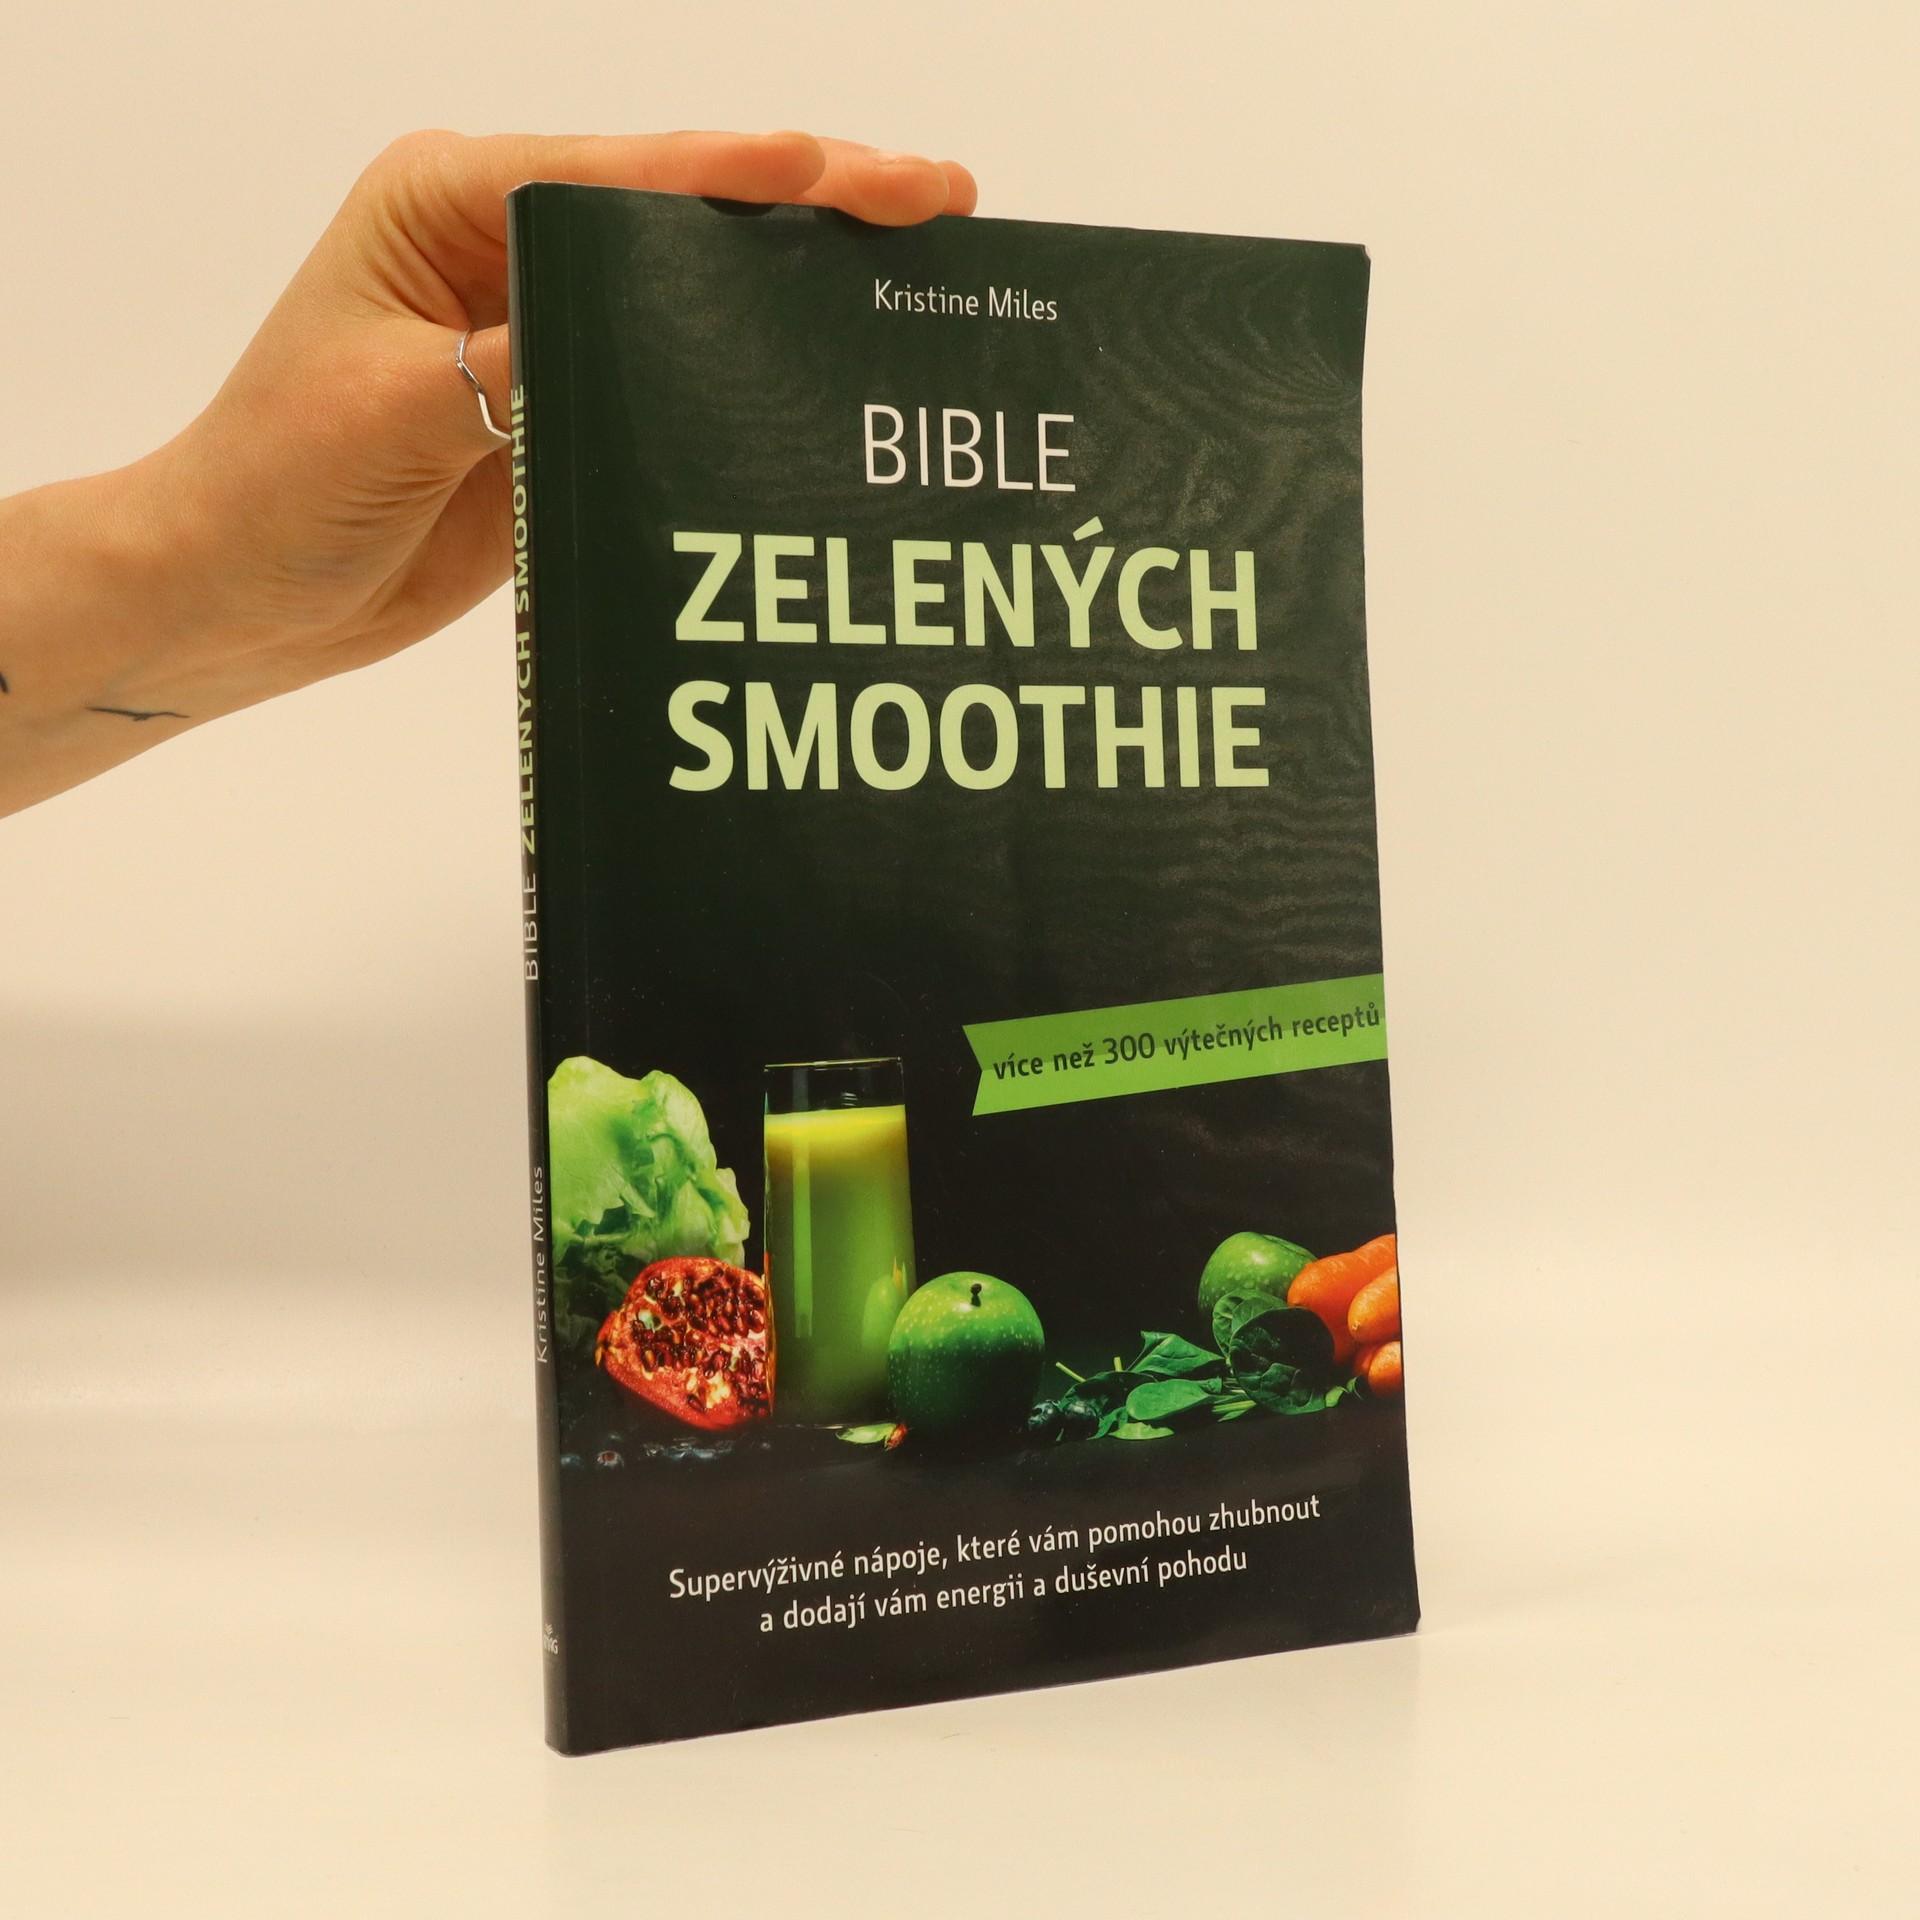 antikvární kniha Bible zelených smoothie. Supervýživné nápoje, které vám pomohou zhubnout a dodají vám energii a duševní pohodu. Více než 300 výtečných receptů, neuveden